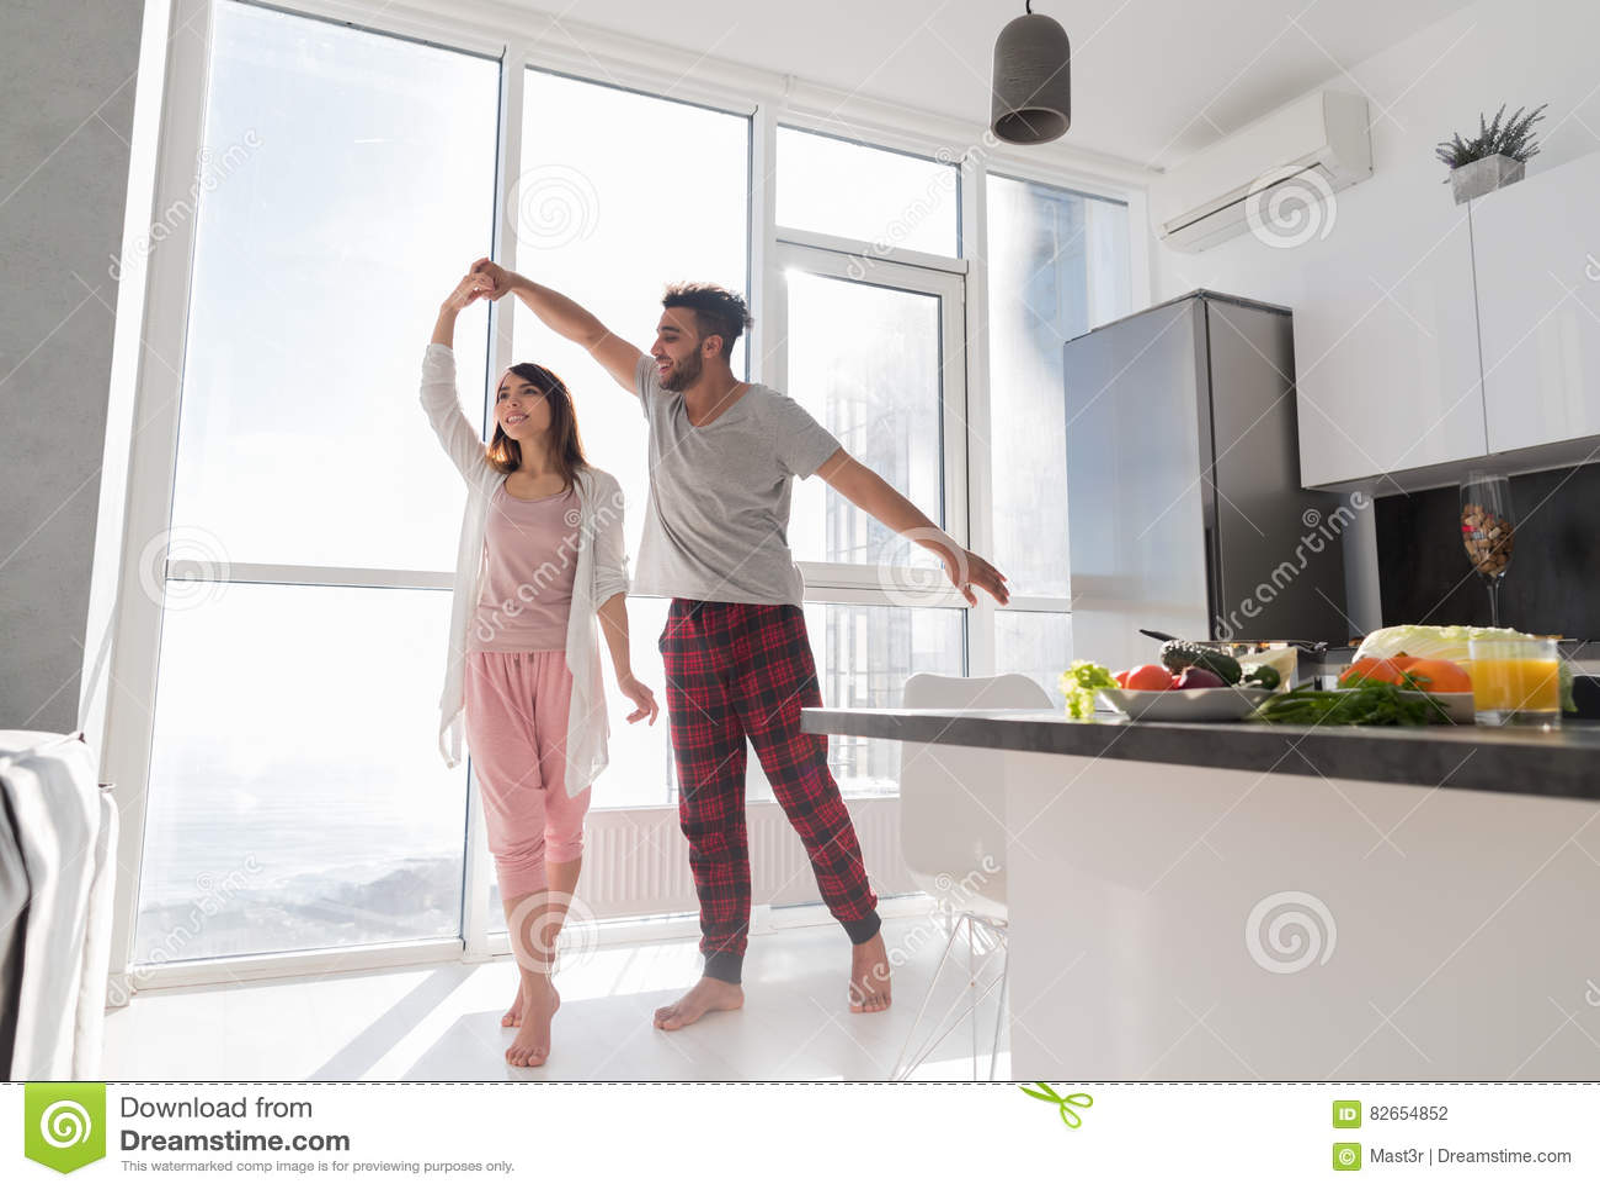 Baile joven de los pares en cocina, mujer asiática preciosa y hombre de los hispanos